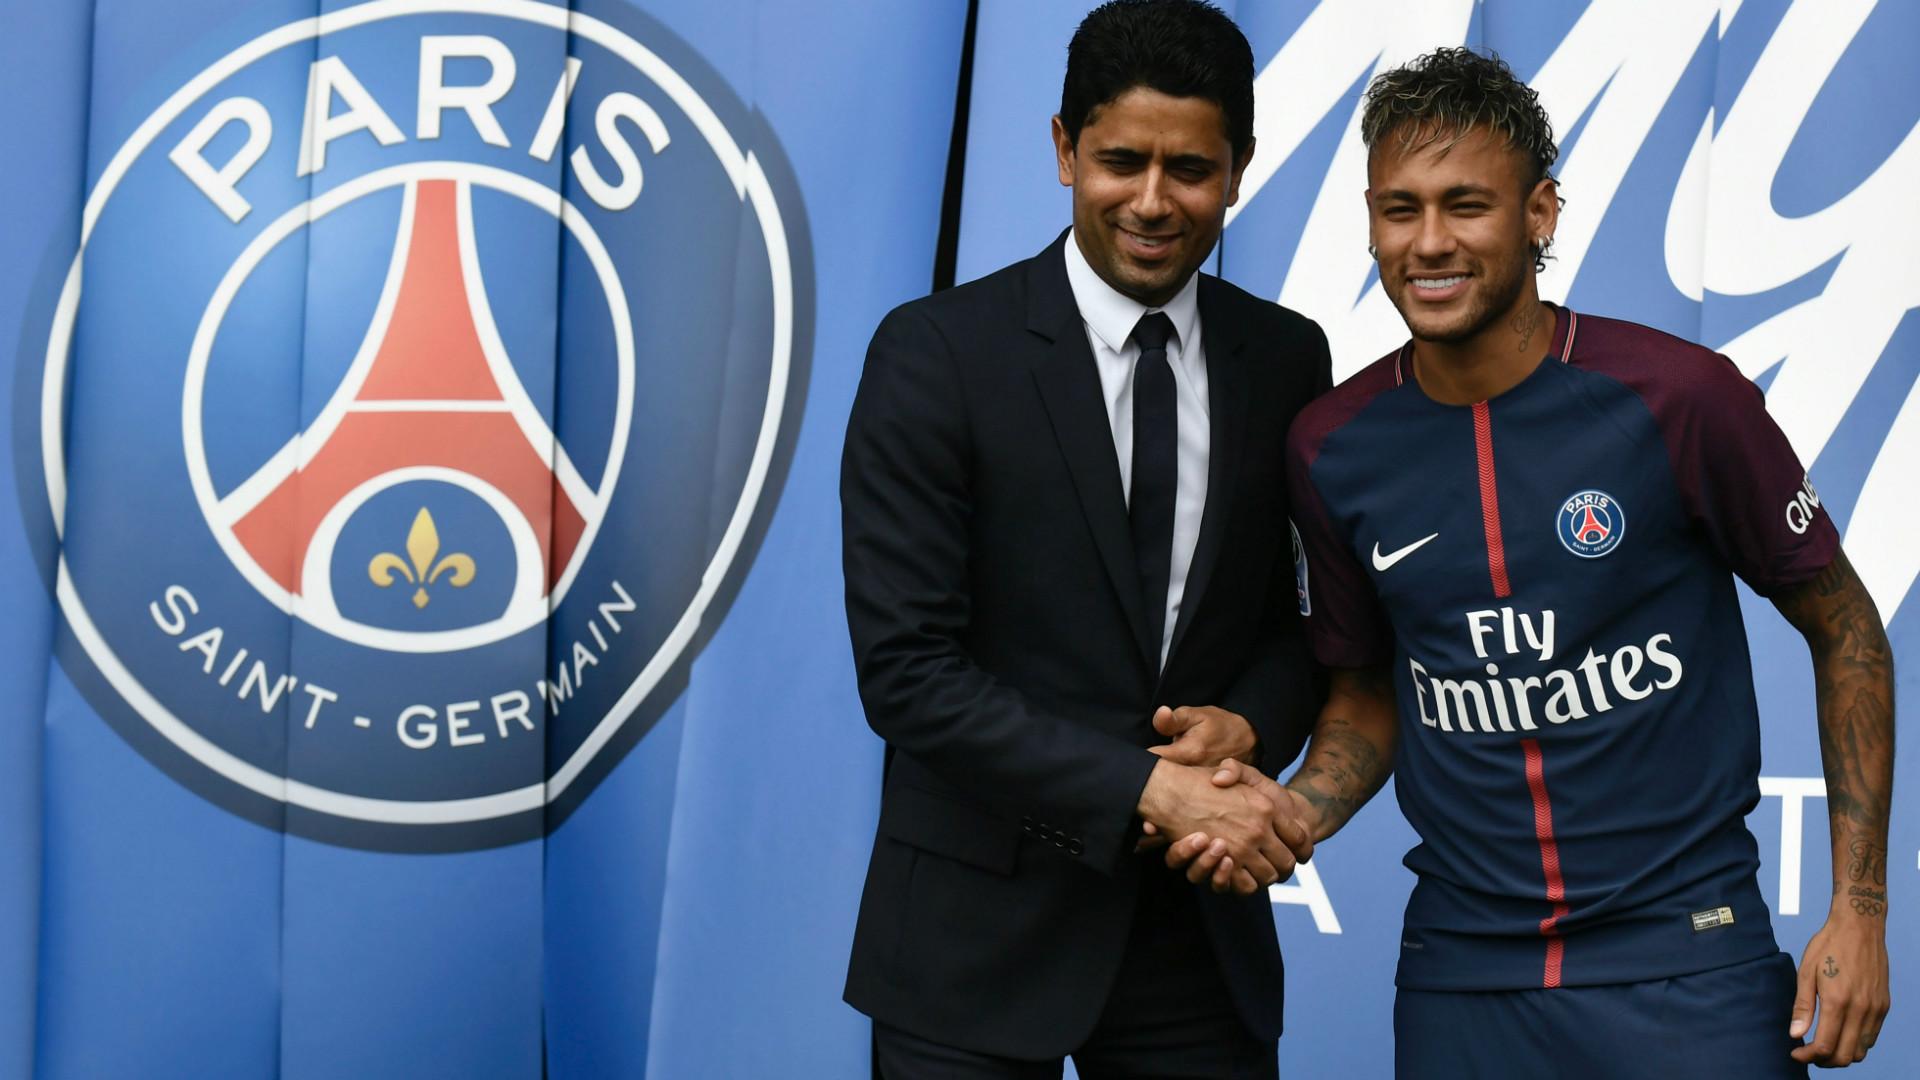 La camiseta de Neymar en el París Saint-Germain  dónde comprar ... 7b3d2fd9306b5